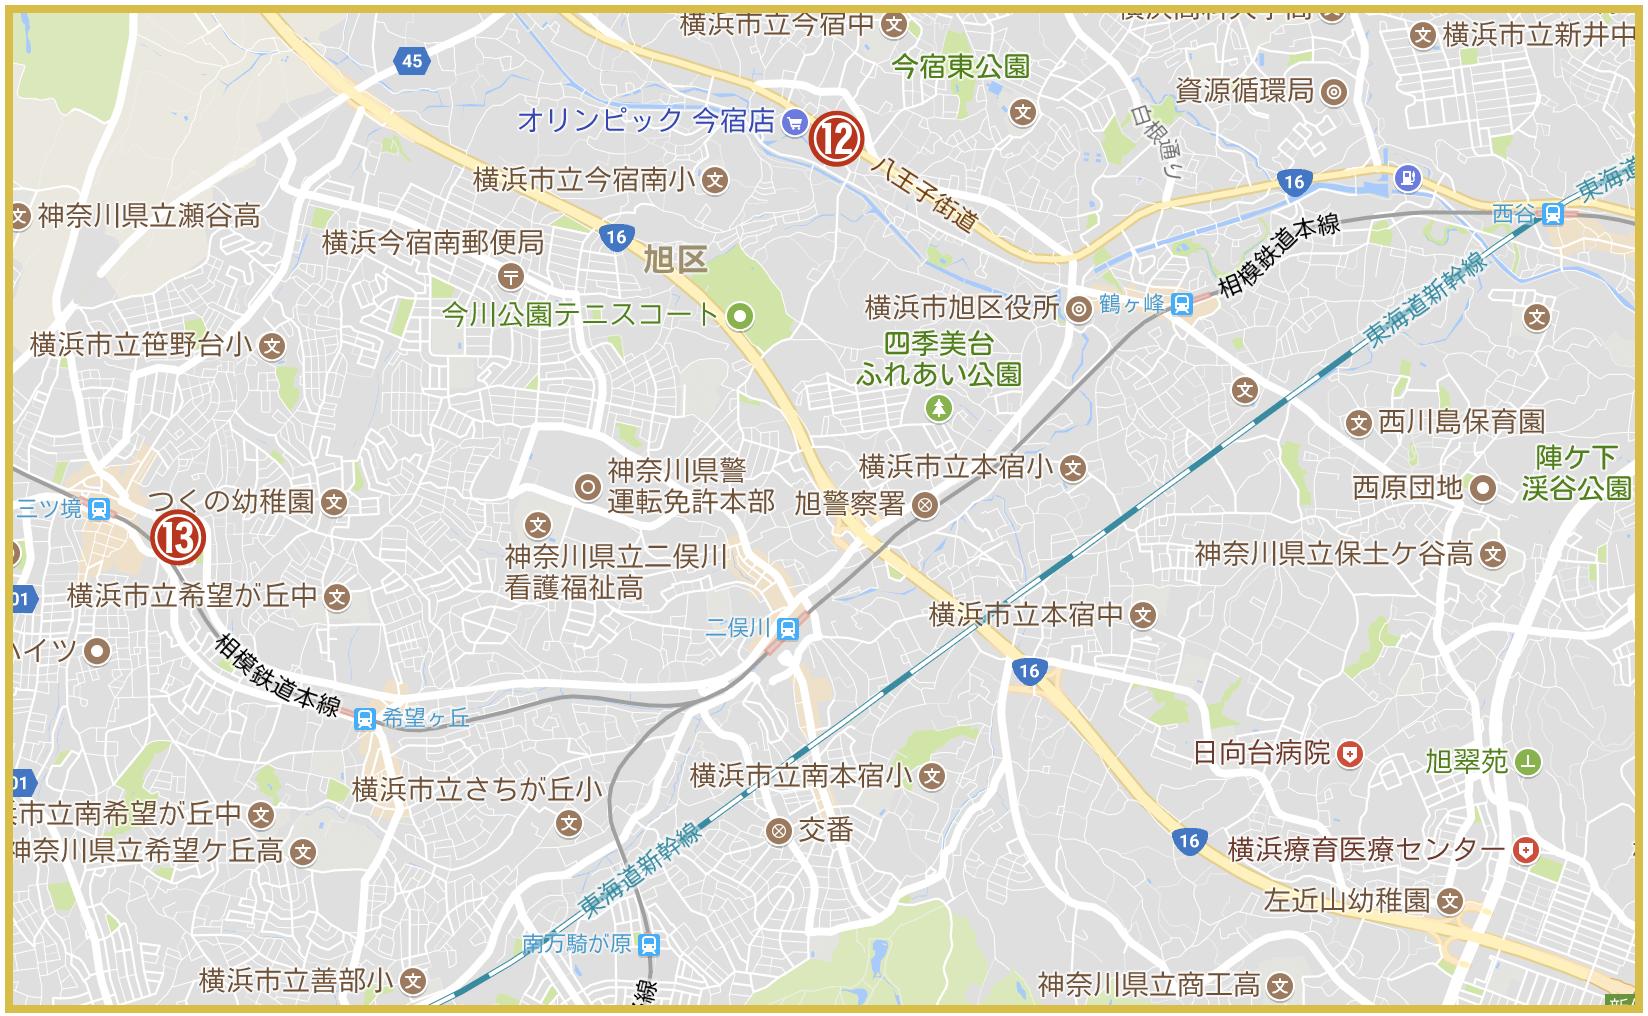 横浜市旭区にあるアコム店舗・ATMの位置(2020年8月版)